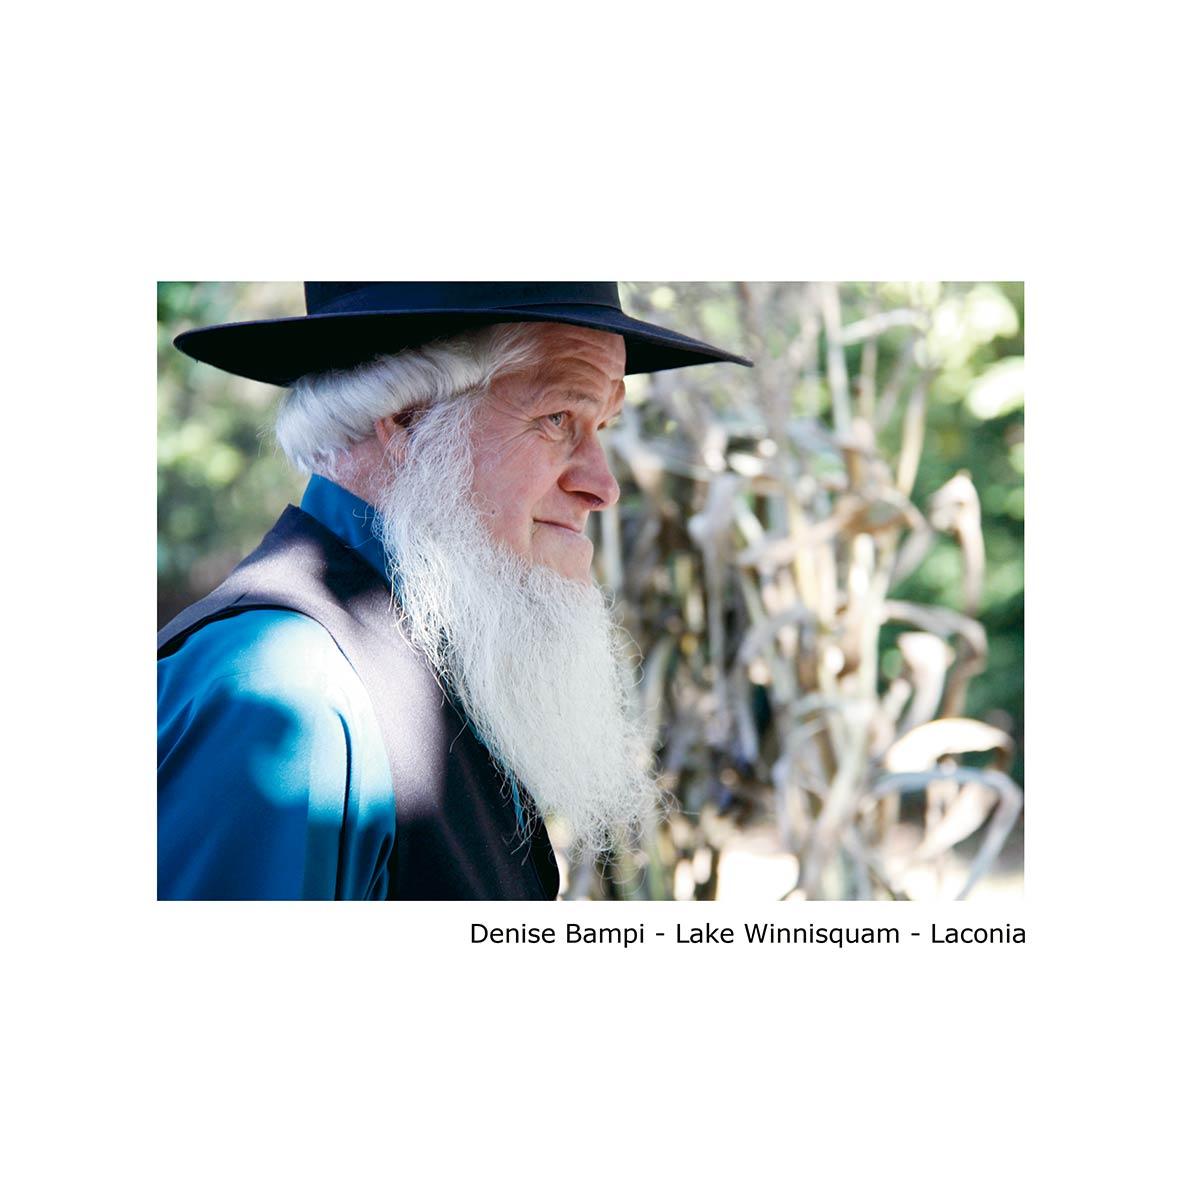 Denise-Bampi---Lake-Winnisquam---Laconia-_-2